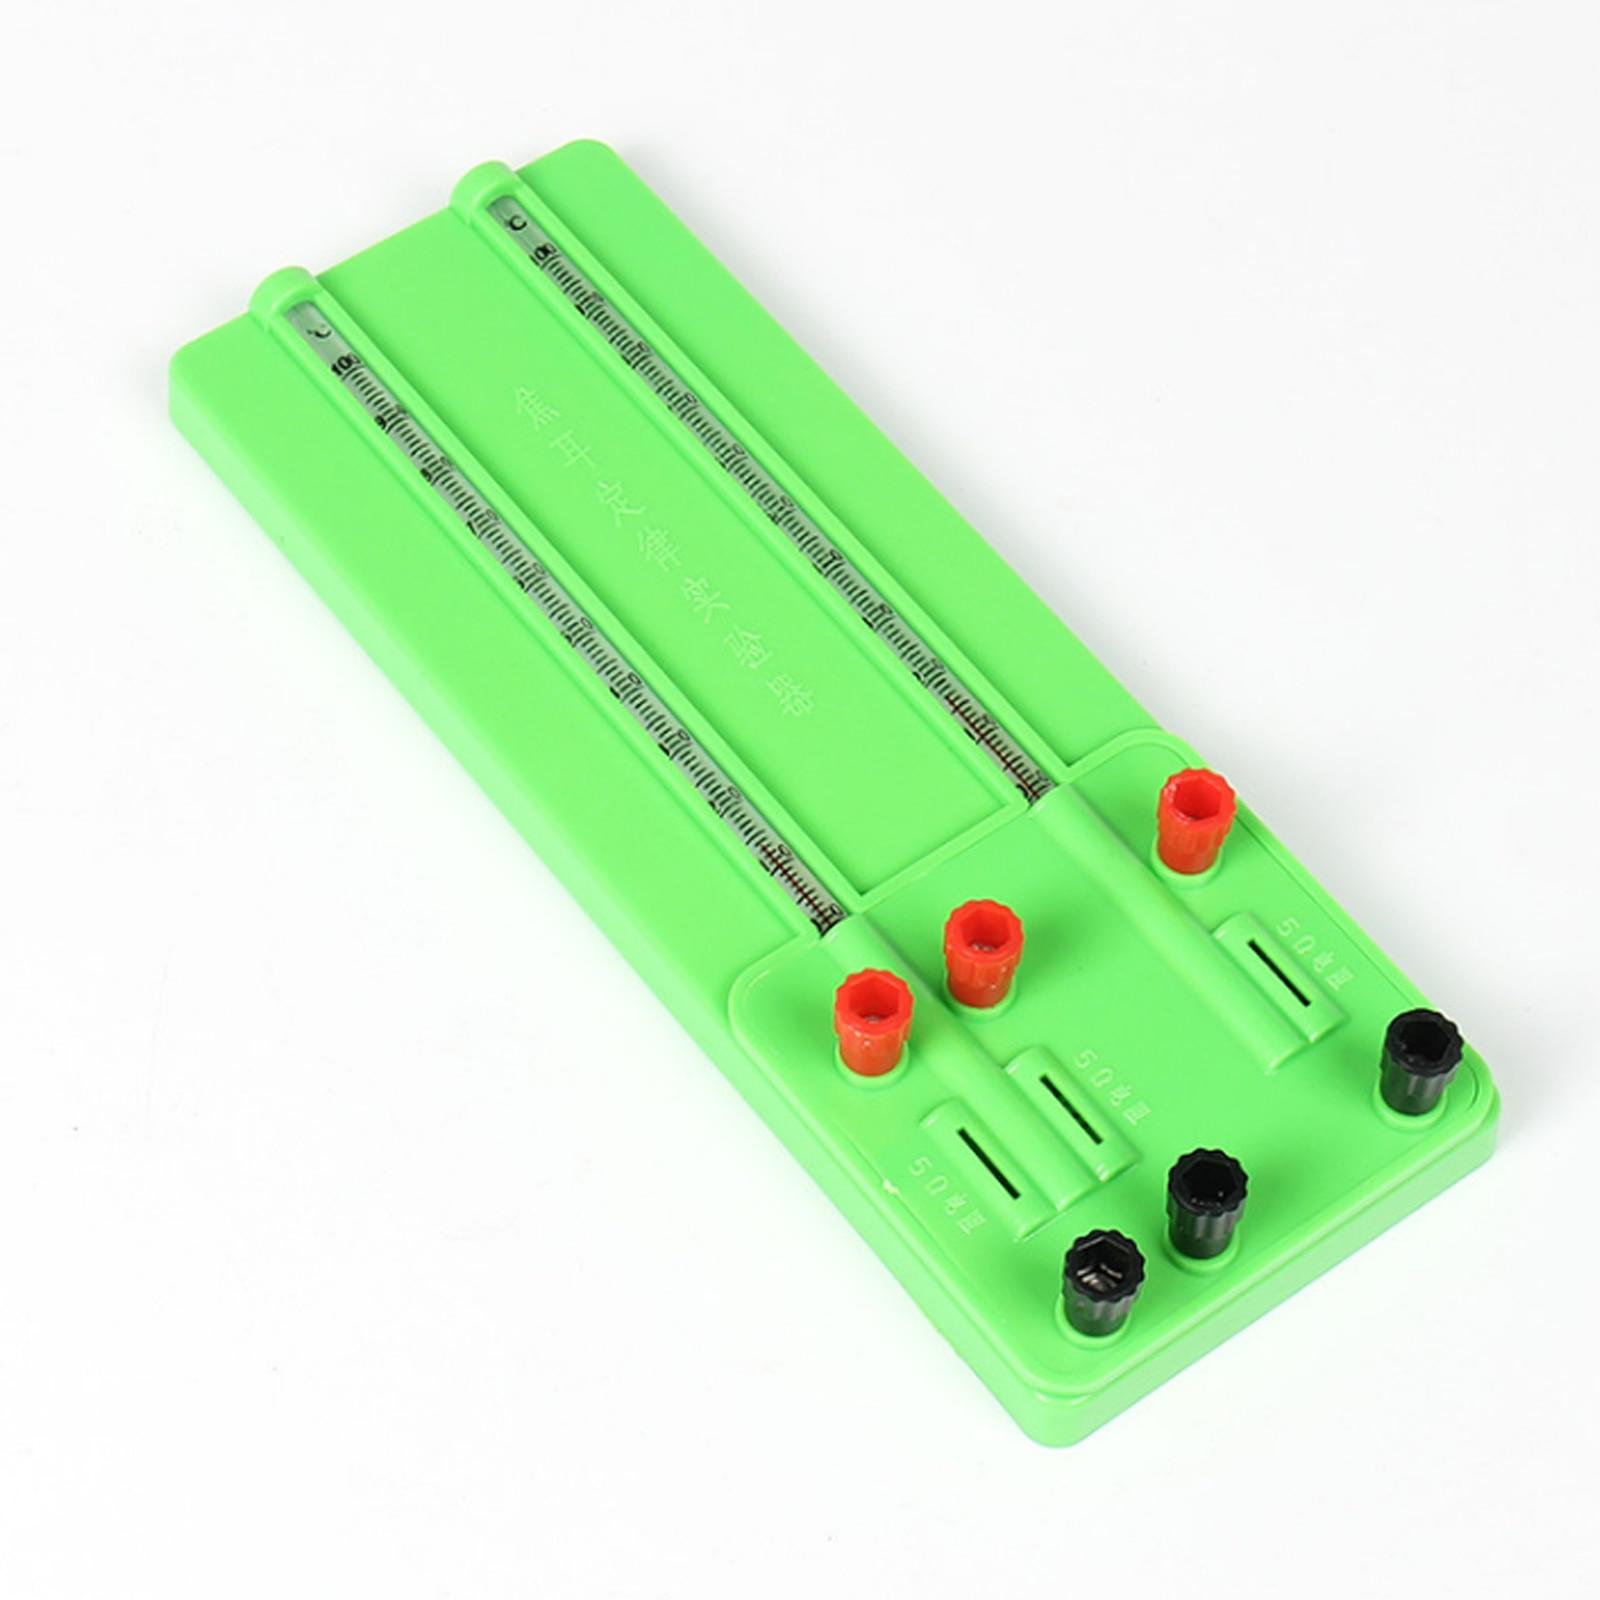 Lab Дж закон эксперимент комплект неполная средняя школа оборудование для экспериментов по физике учебное пособие лабораторный инструмент ...